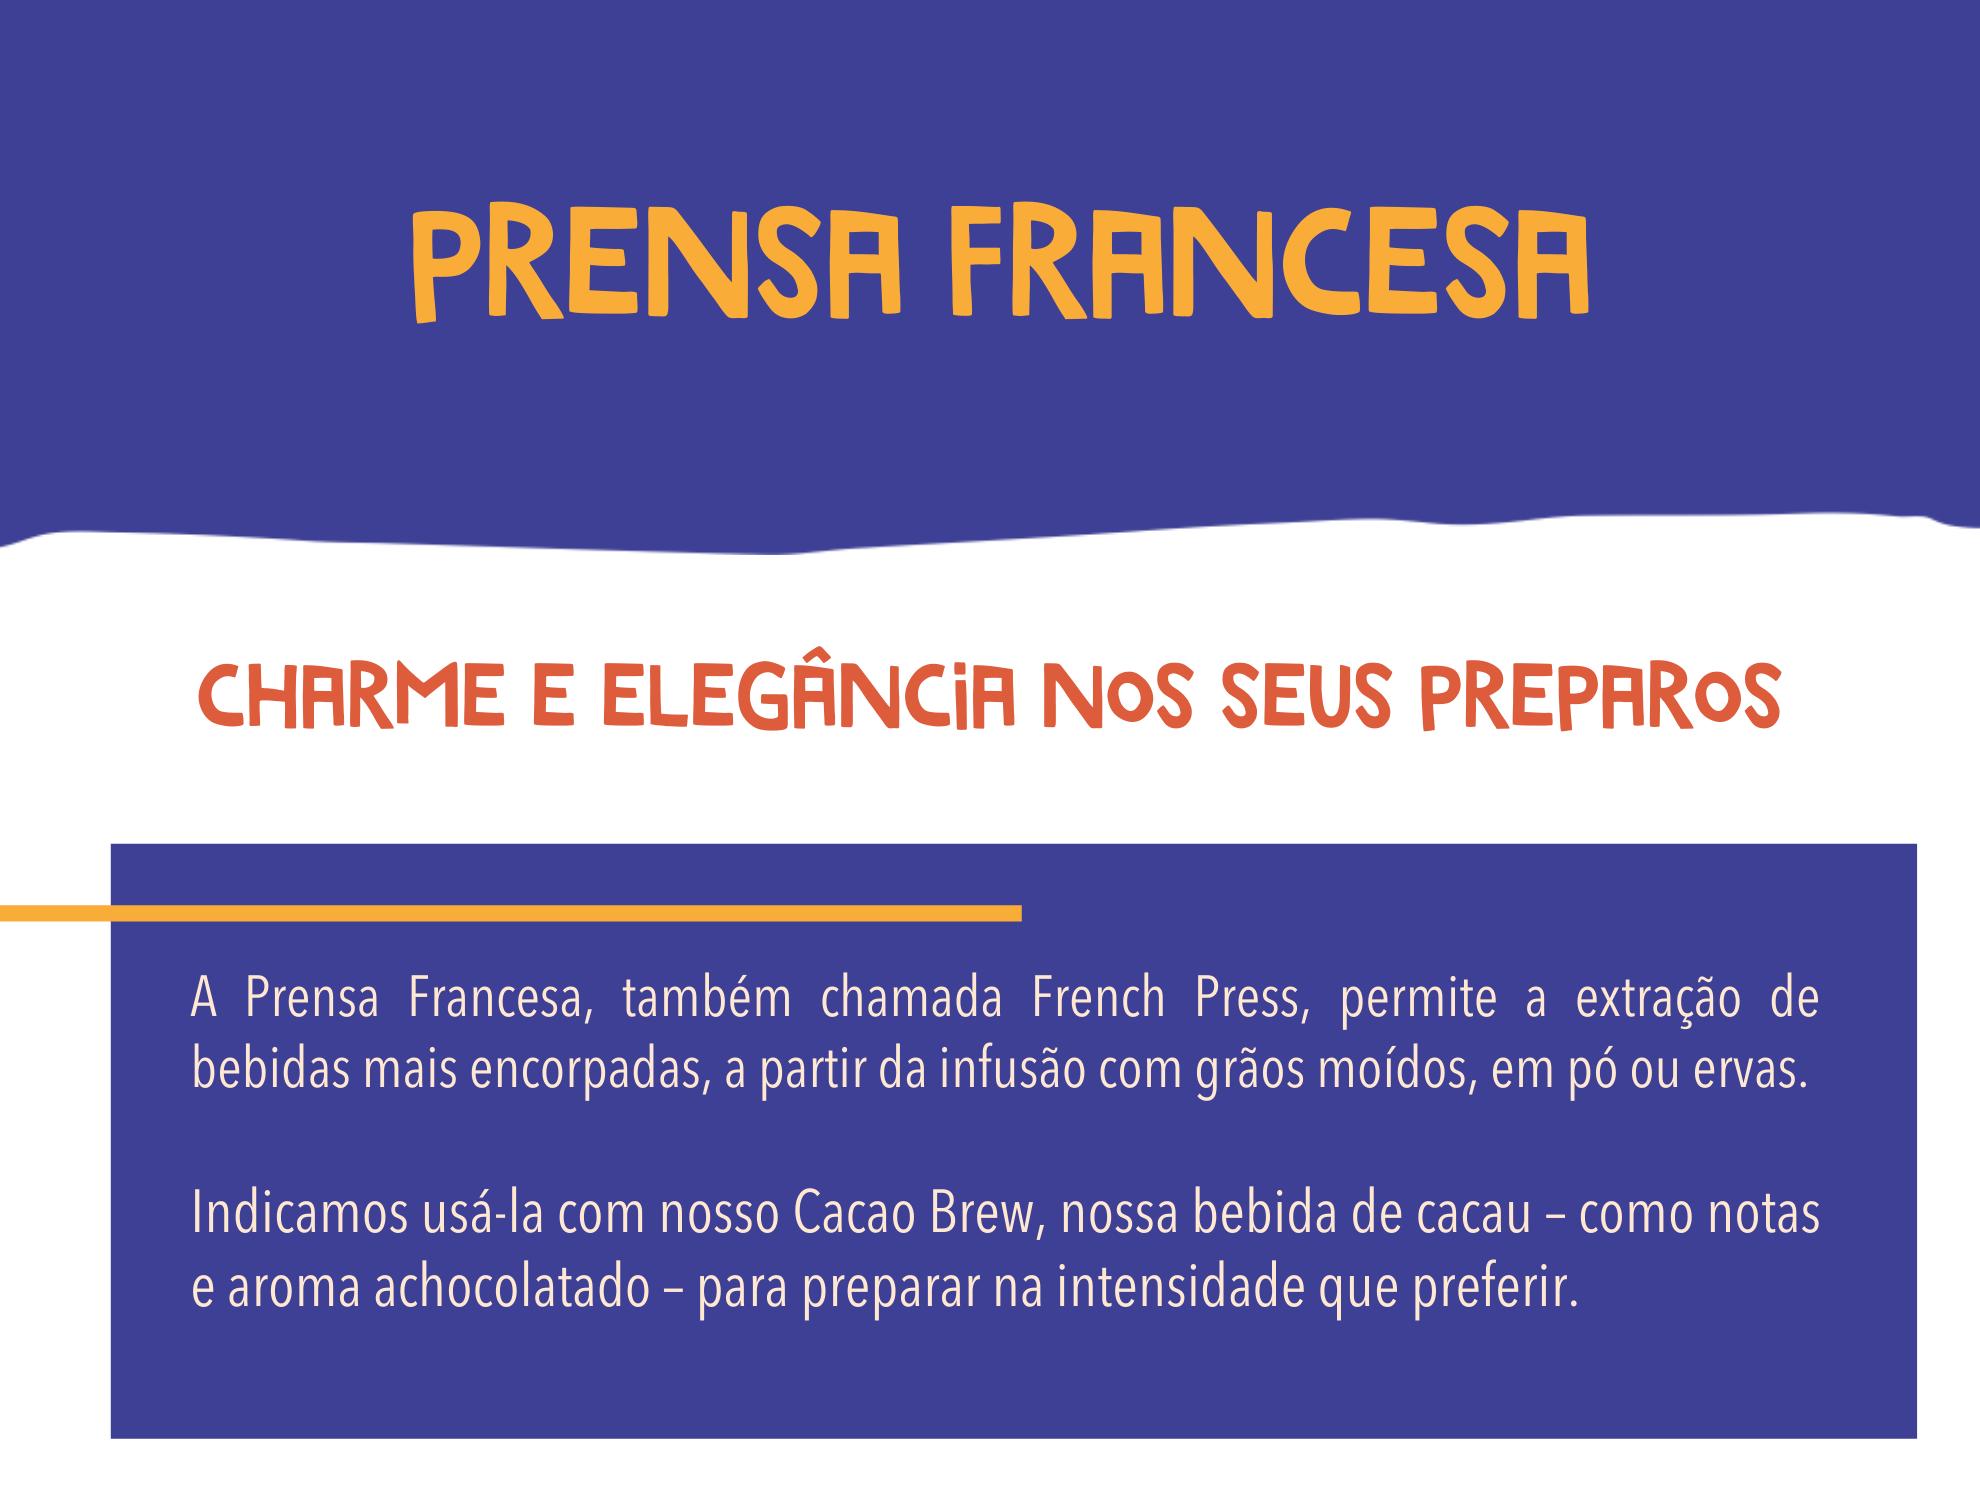 prensa francesa cookoa